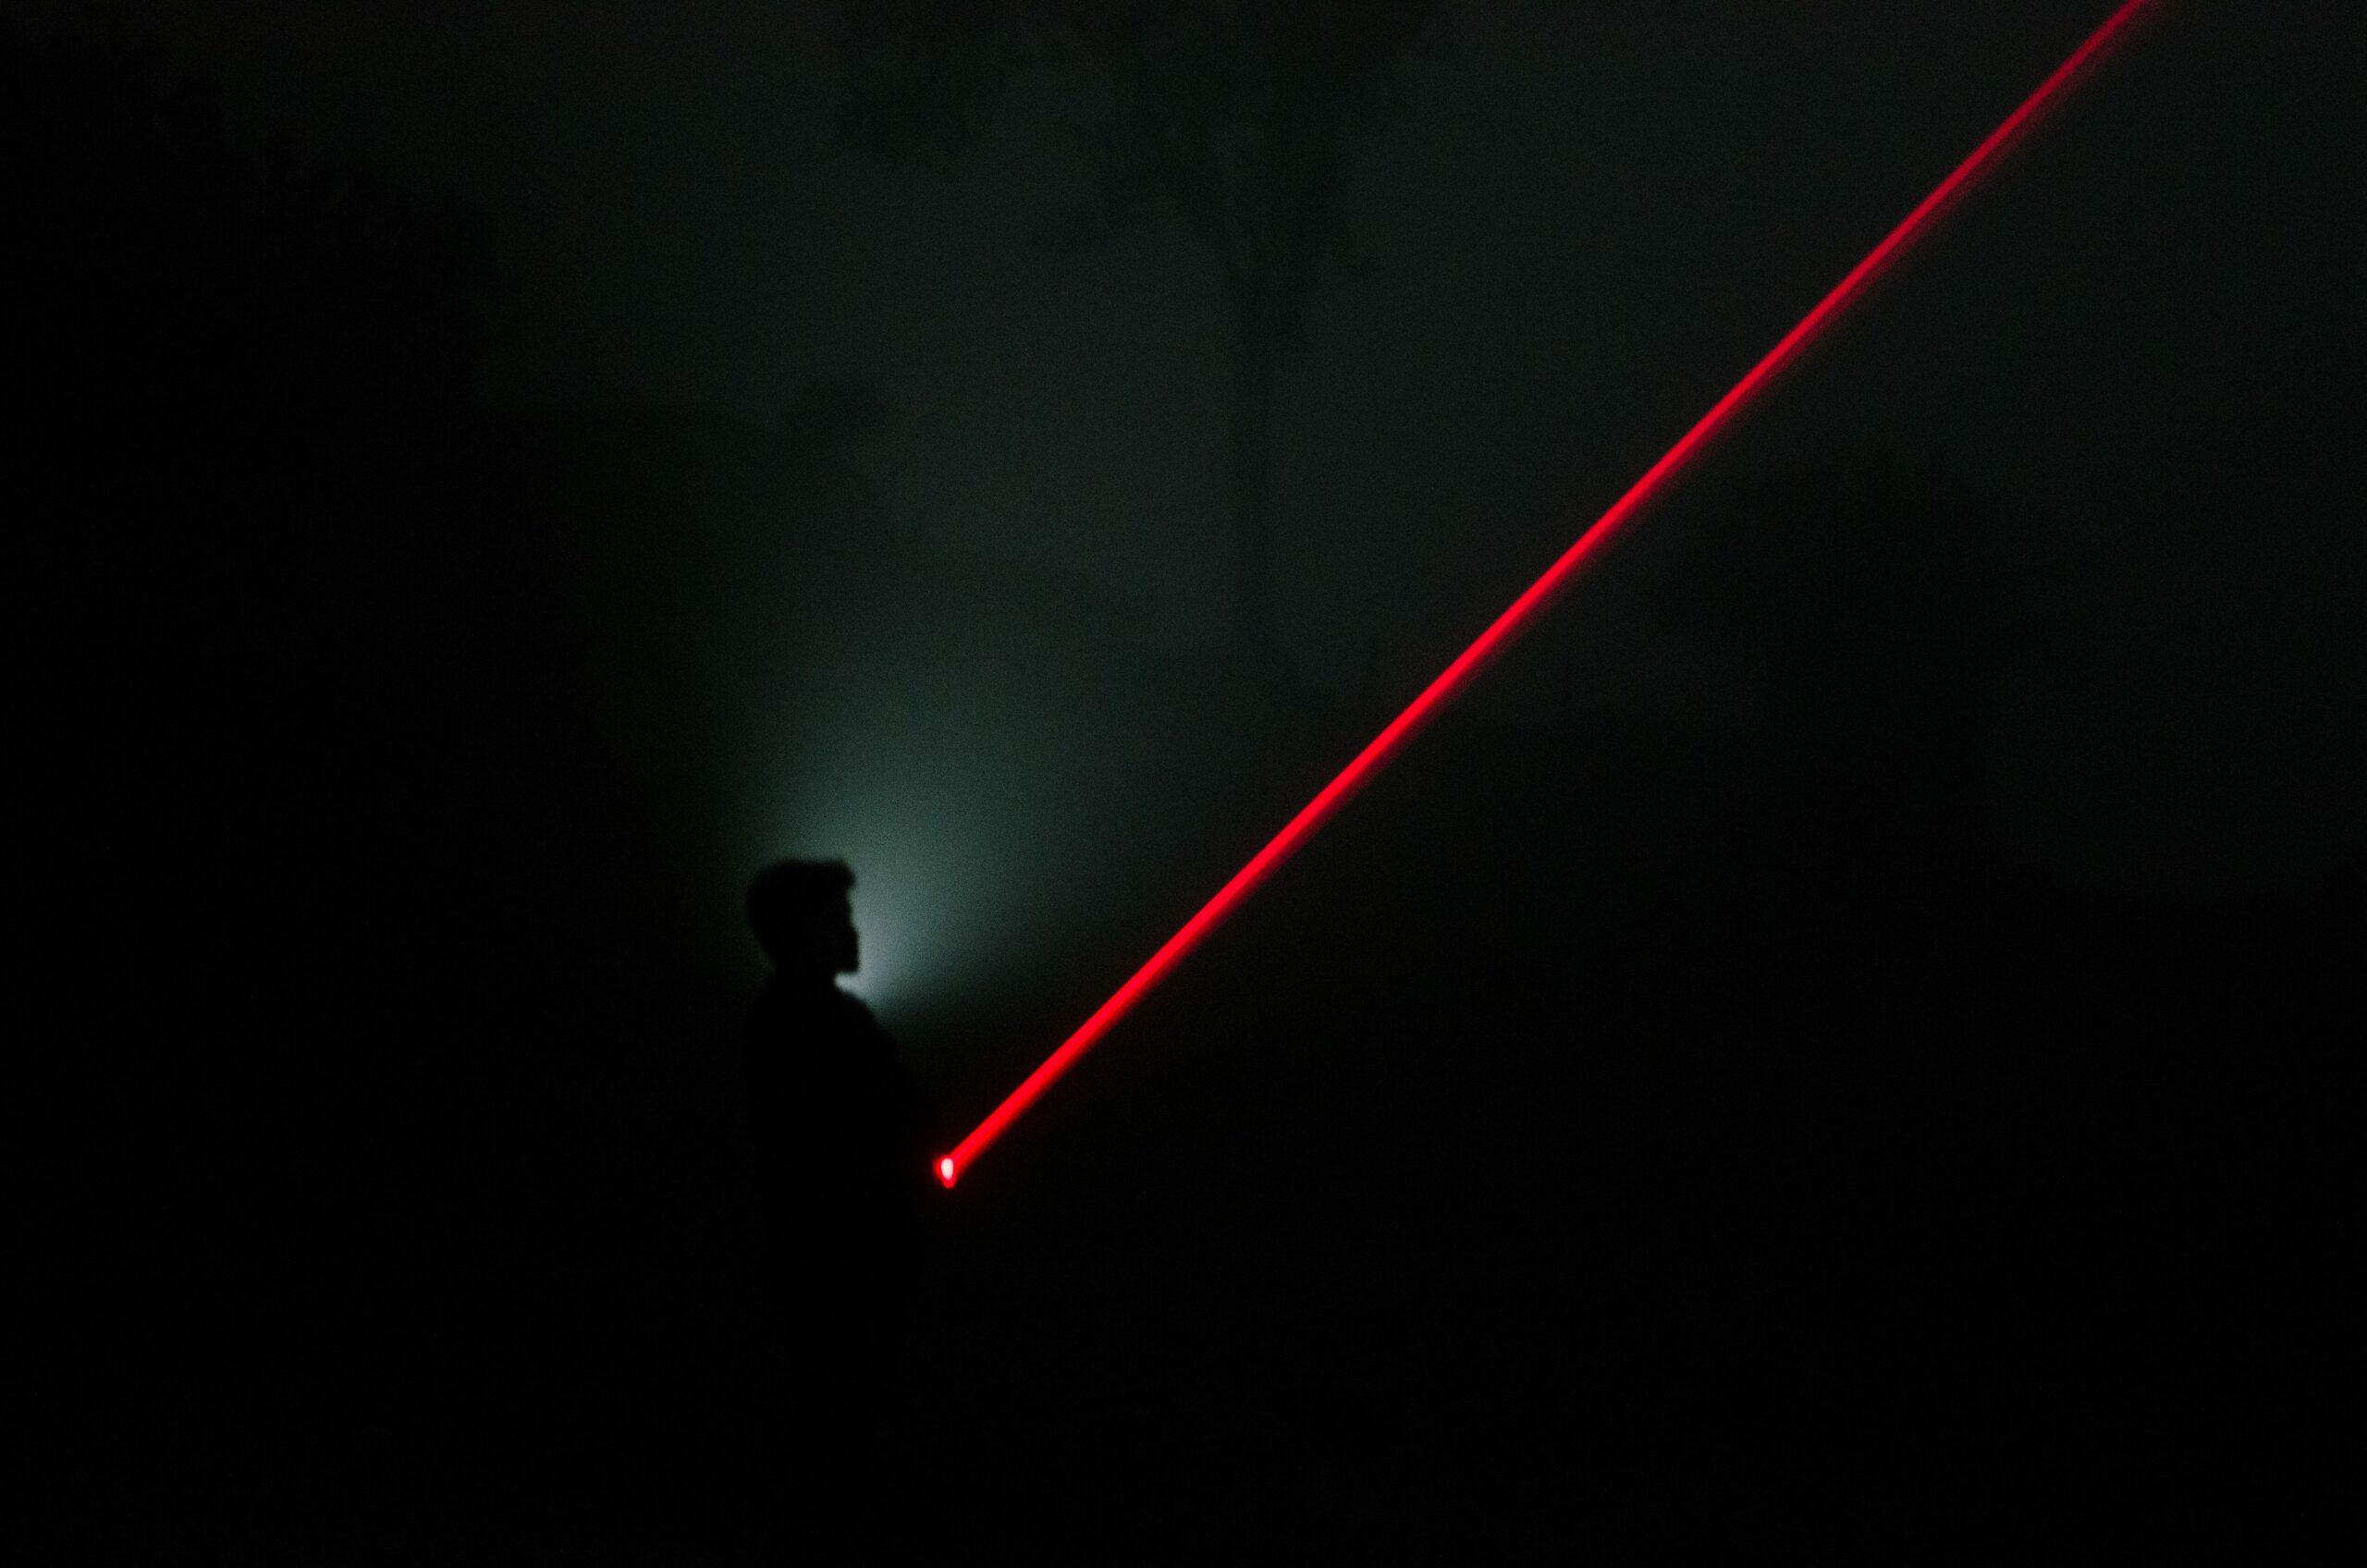 Neue Gesetzliche Regelung Laserpointer